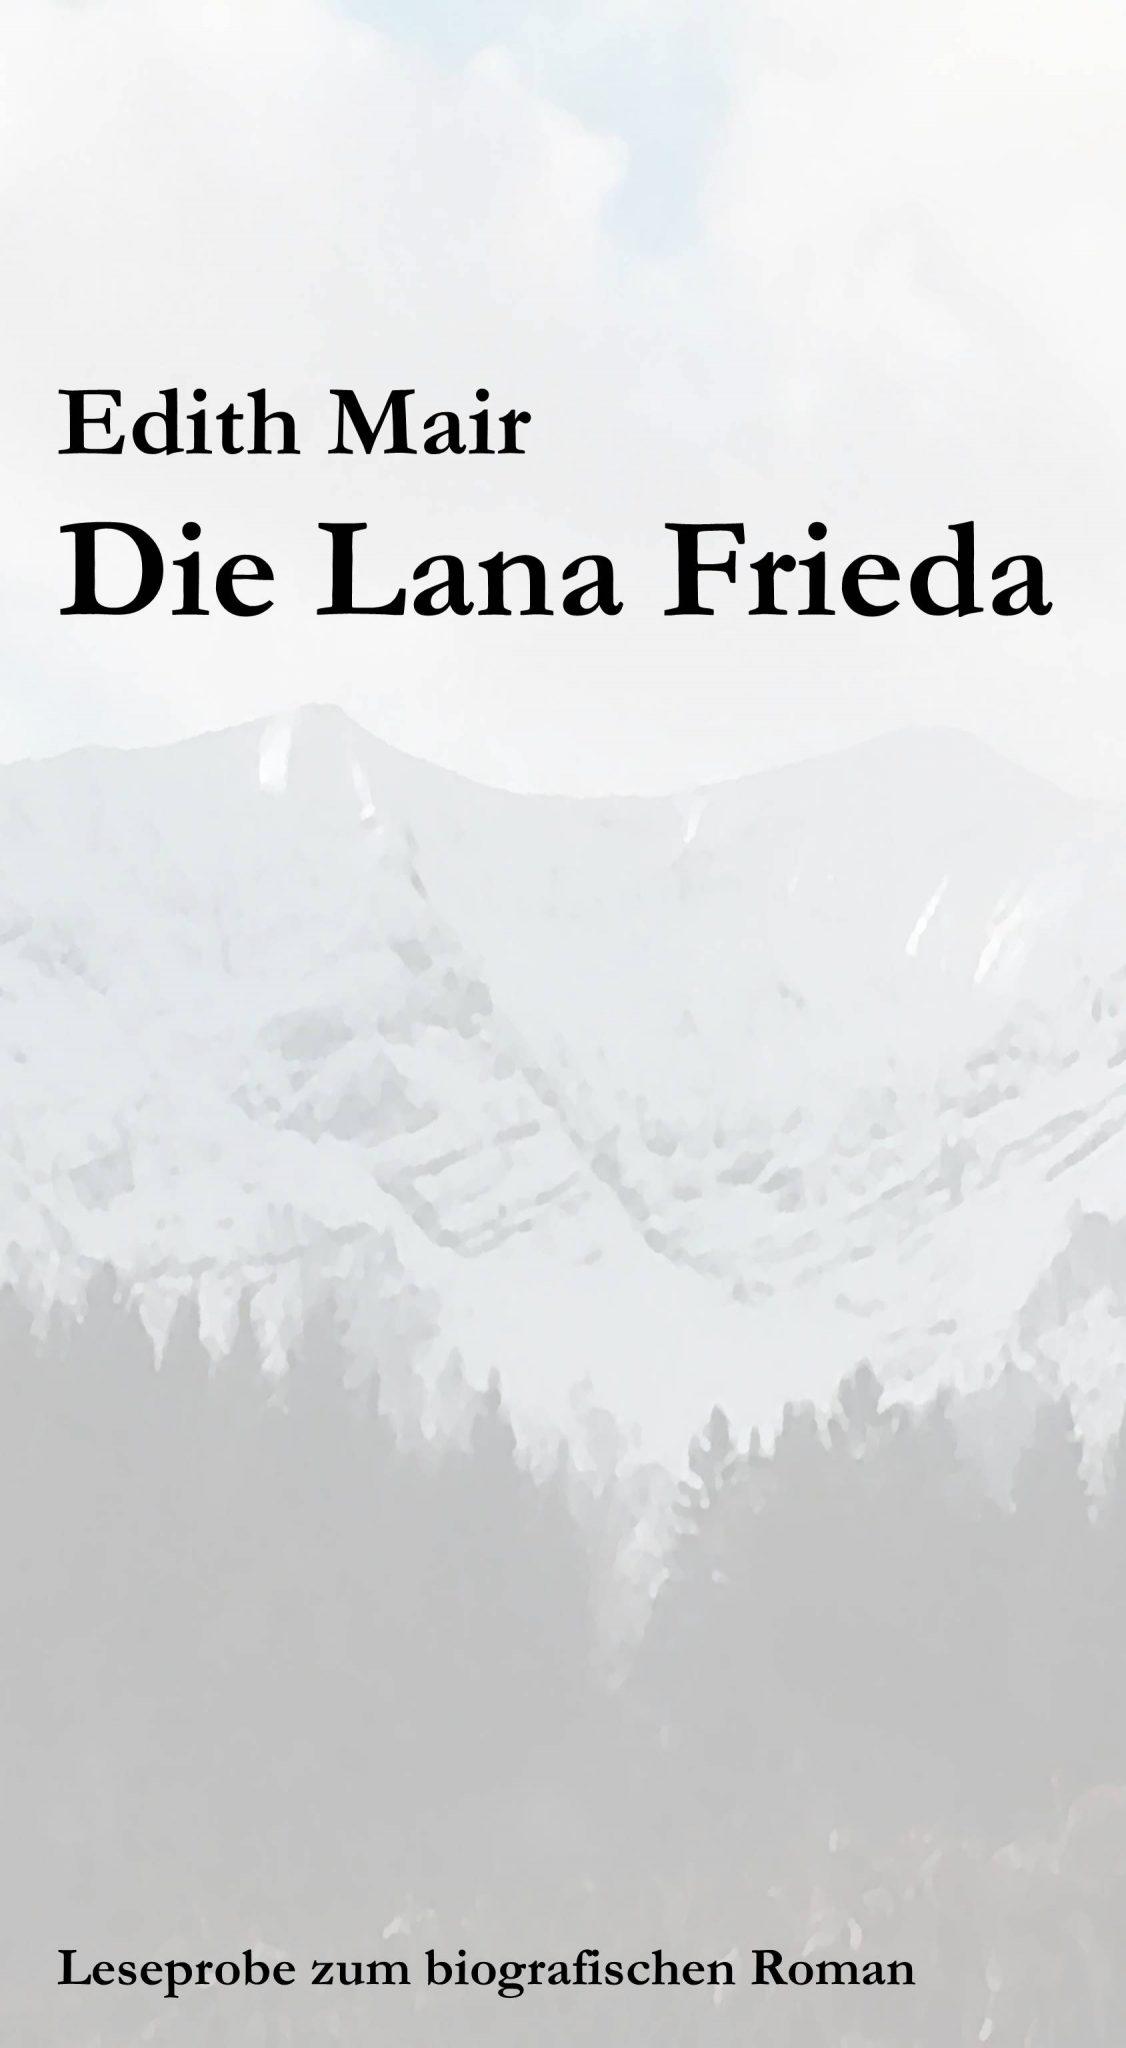 Titelbild: Leseprobe 'Die Lana Frieda - biografischer Roman'